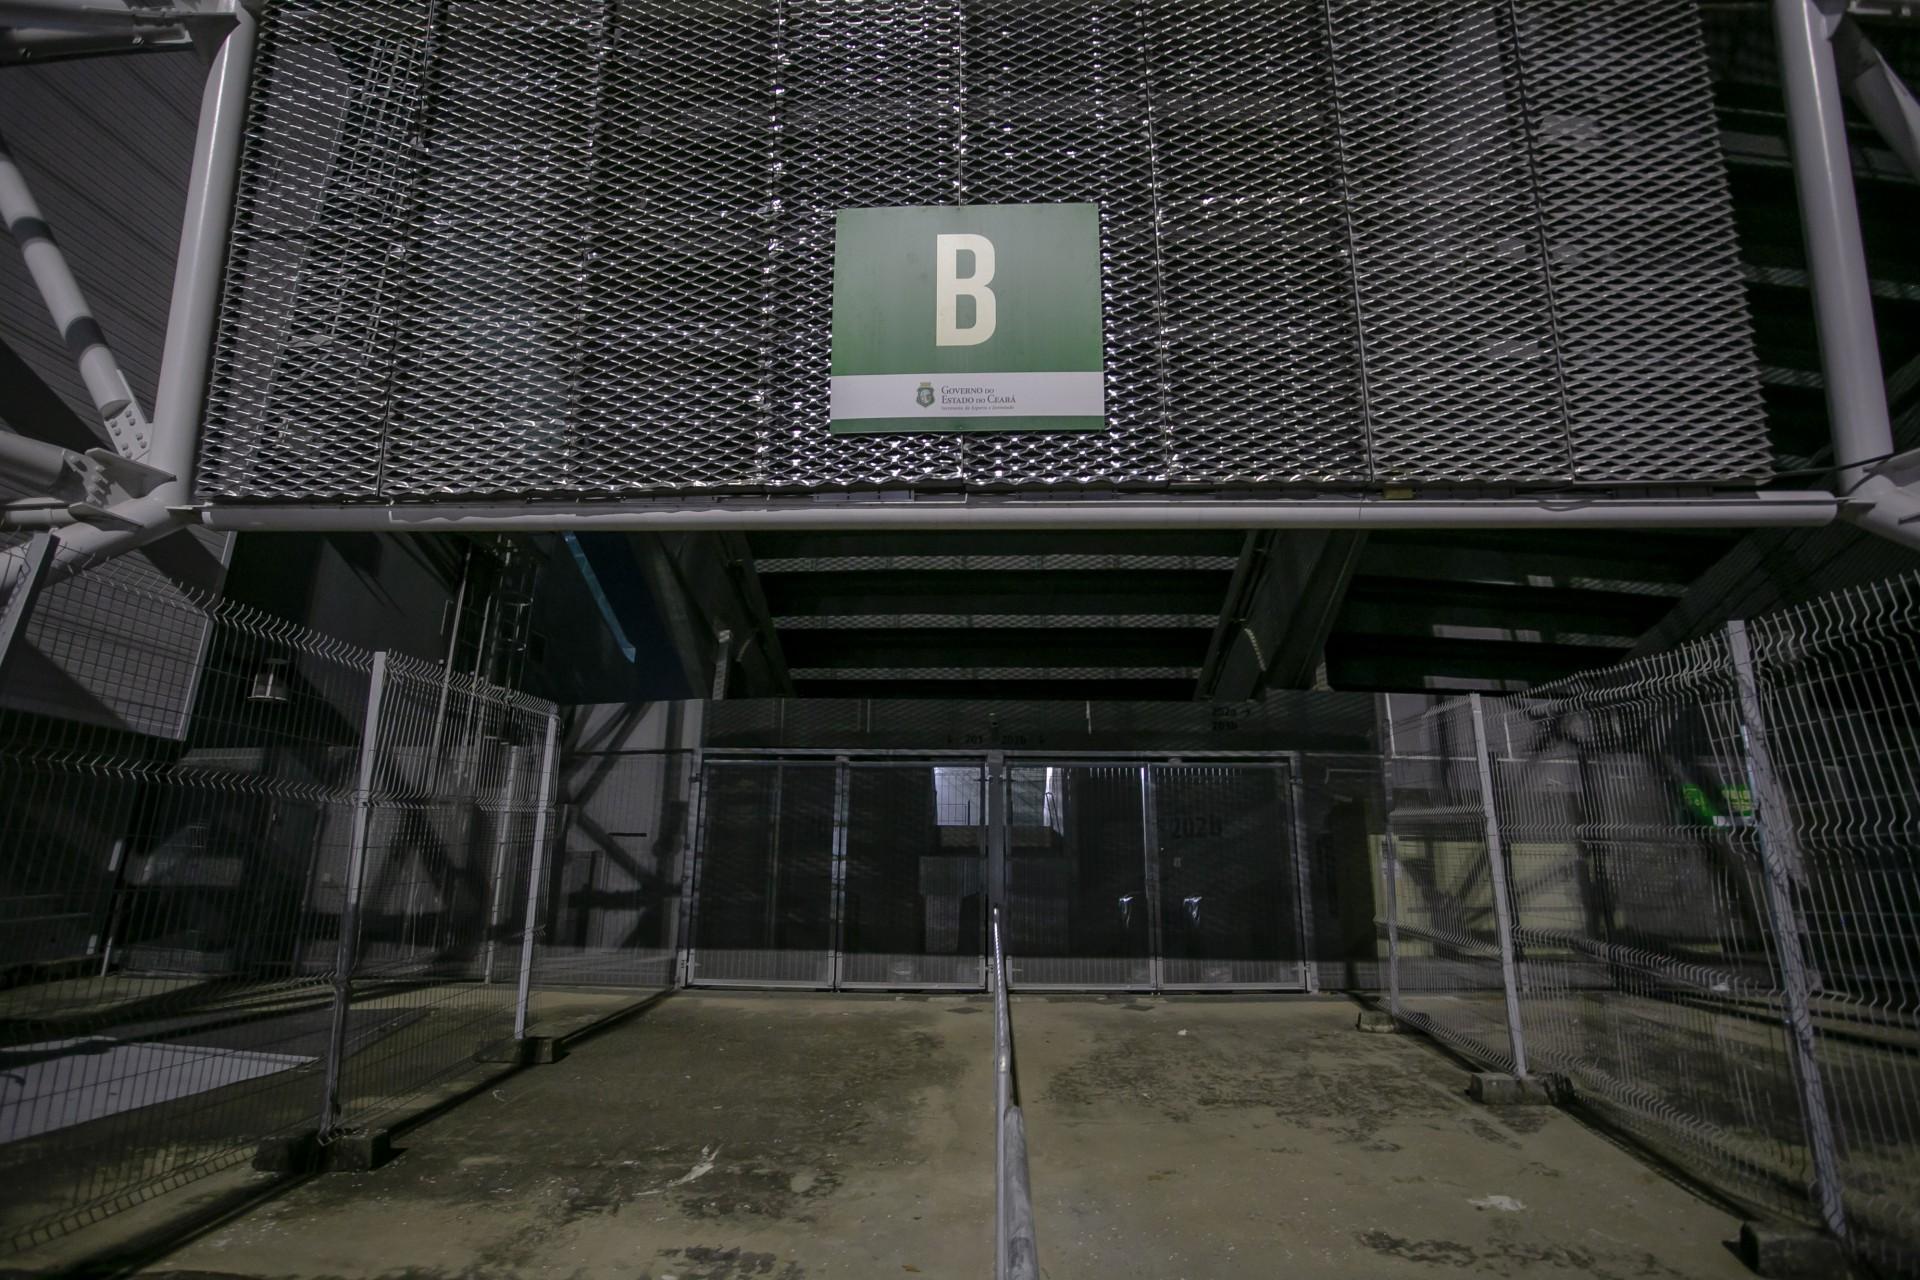 Em decorrência da pandemia do novo coronavírus, Castelão está recebendo jogos com portões fechados